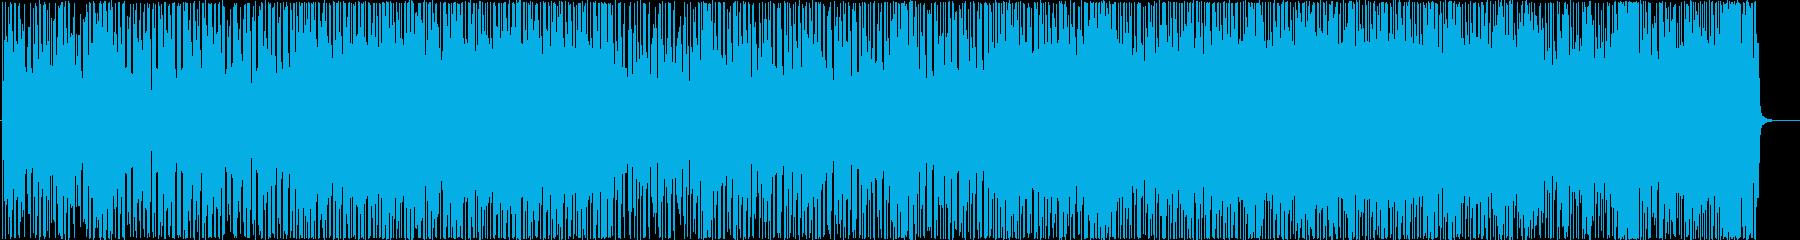 わくわくするような雰囲気のギターインストの再生済みの波形